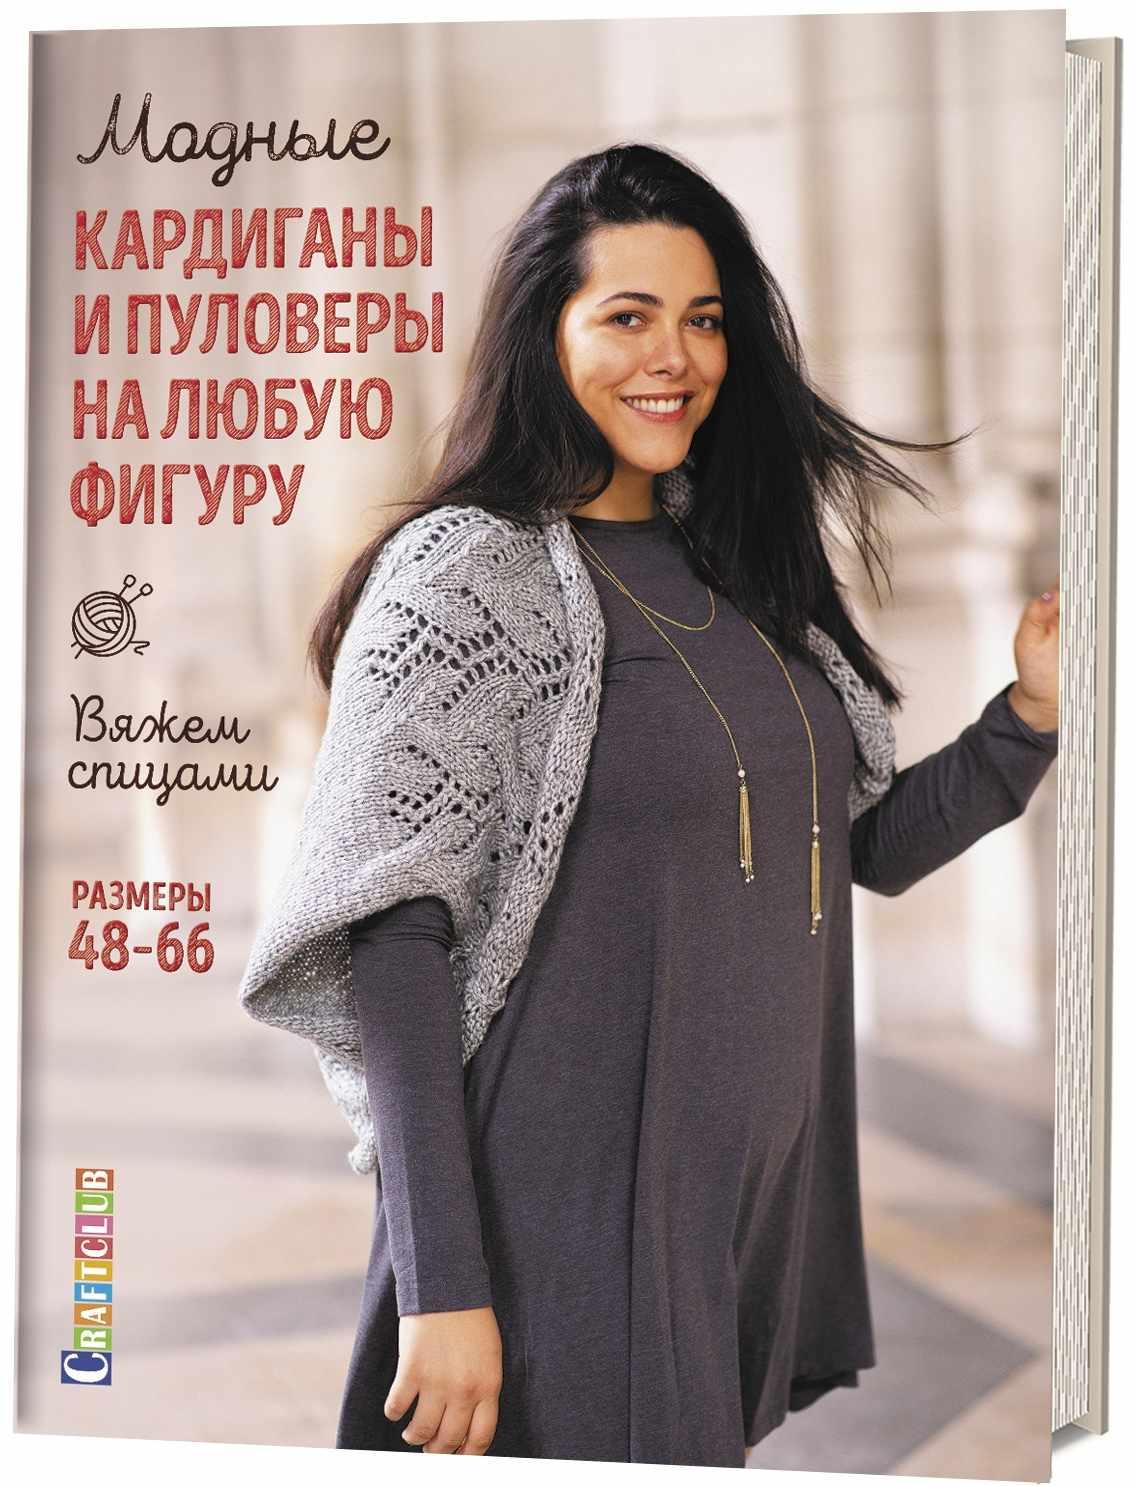 Модные кардиганы и пуловеры на любую фигуру: Вяжем спицами: Размеры 48-66